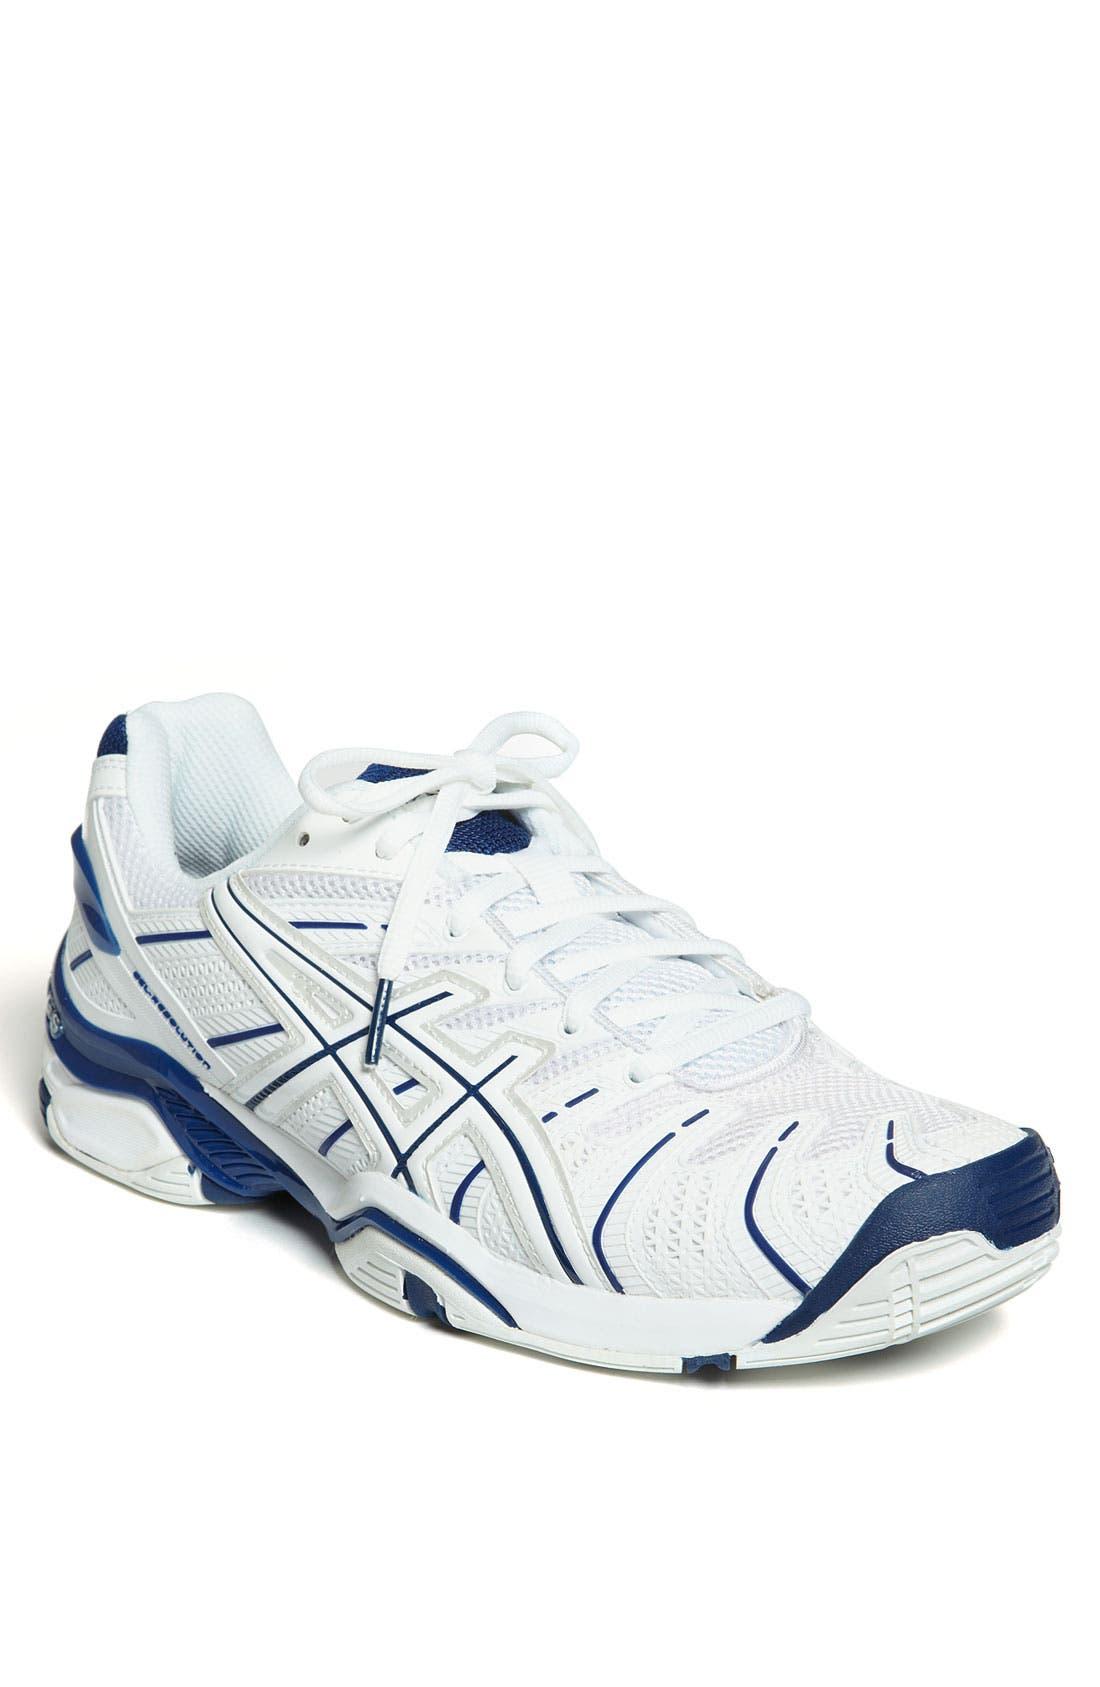 Main Image - ASICS® 'GEL-Resolution 4' Tennis Shoe (Men)